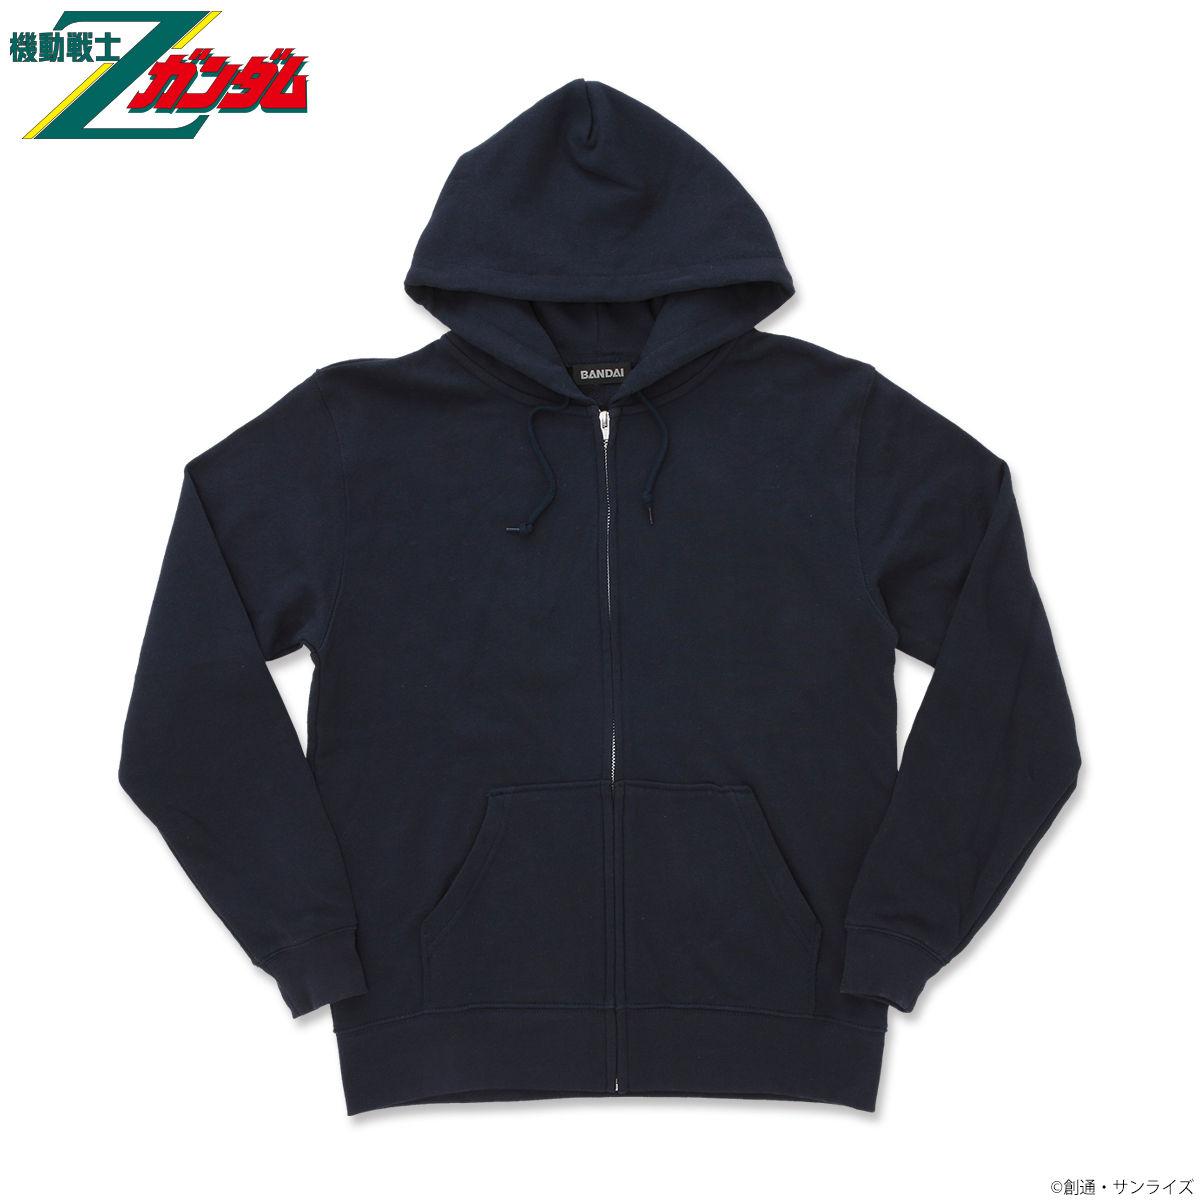 Mobile Suit Zeta Gundam Hyaku Shiki Japanese Style Hoodie